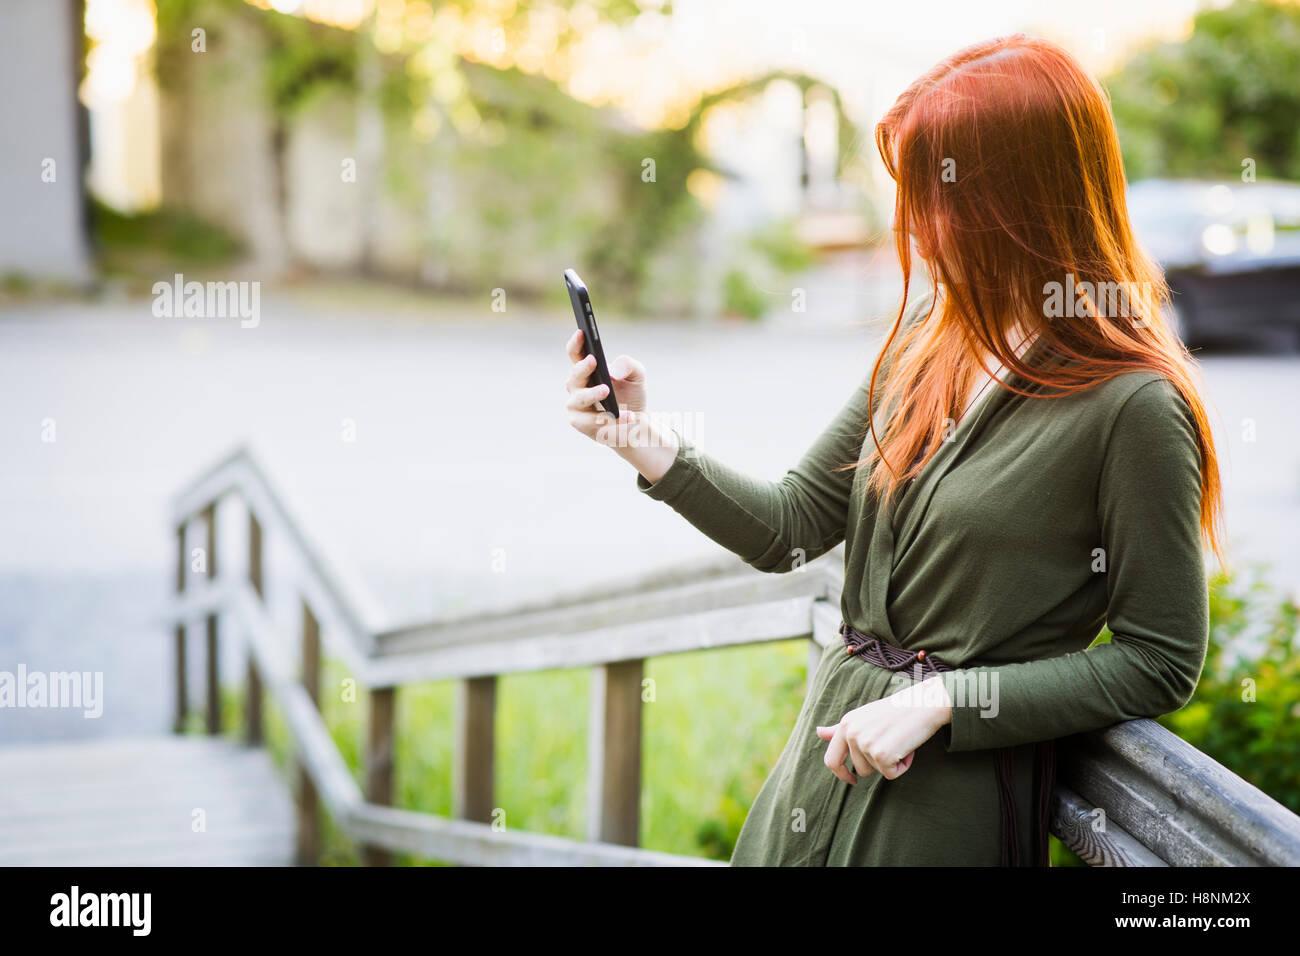 Rothaarige Frau auf der Treppe stehen und mit Telefon Stockbild